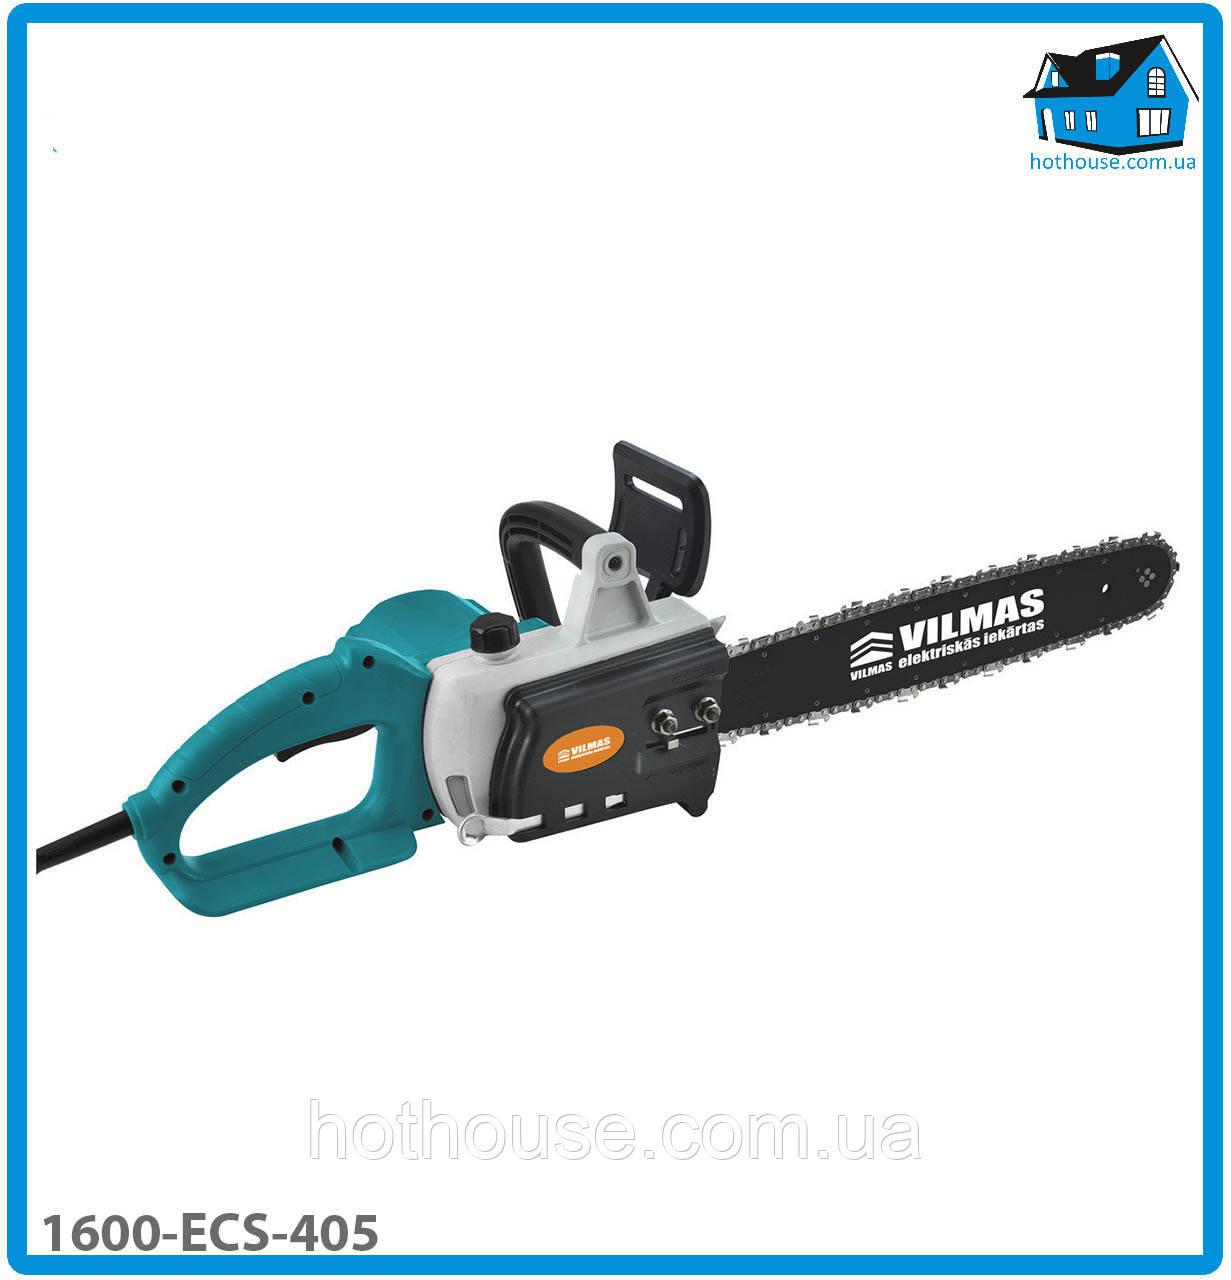 Пила цепная электрическая VILMAS 1600-ECS-405